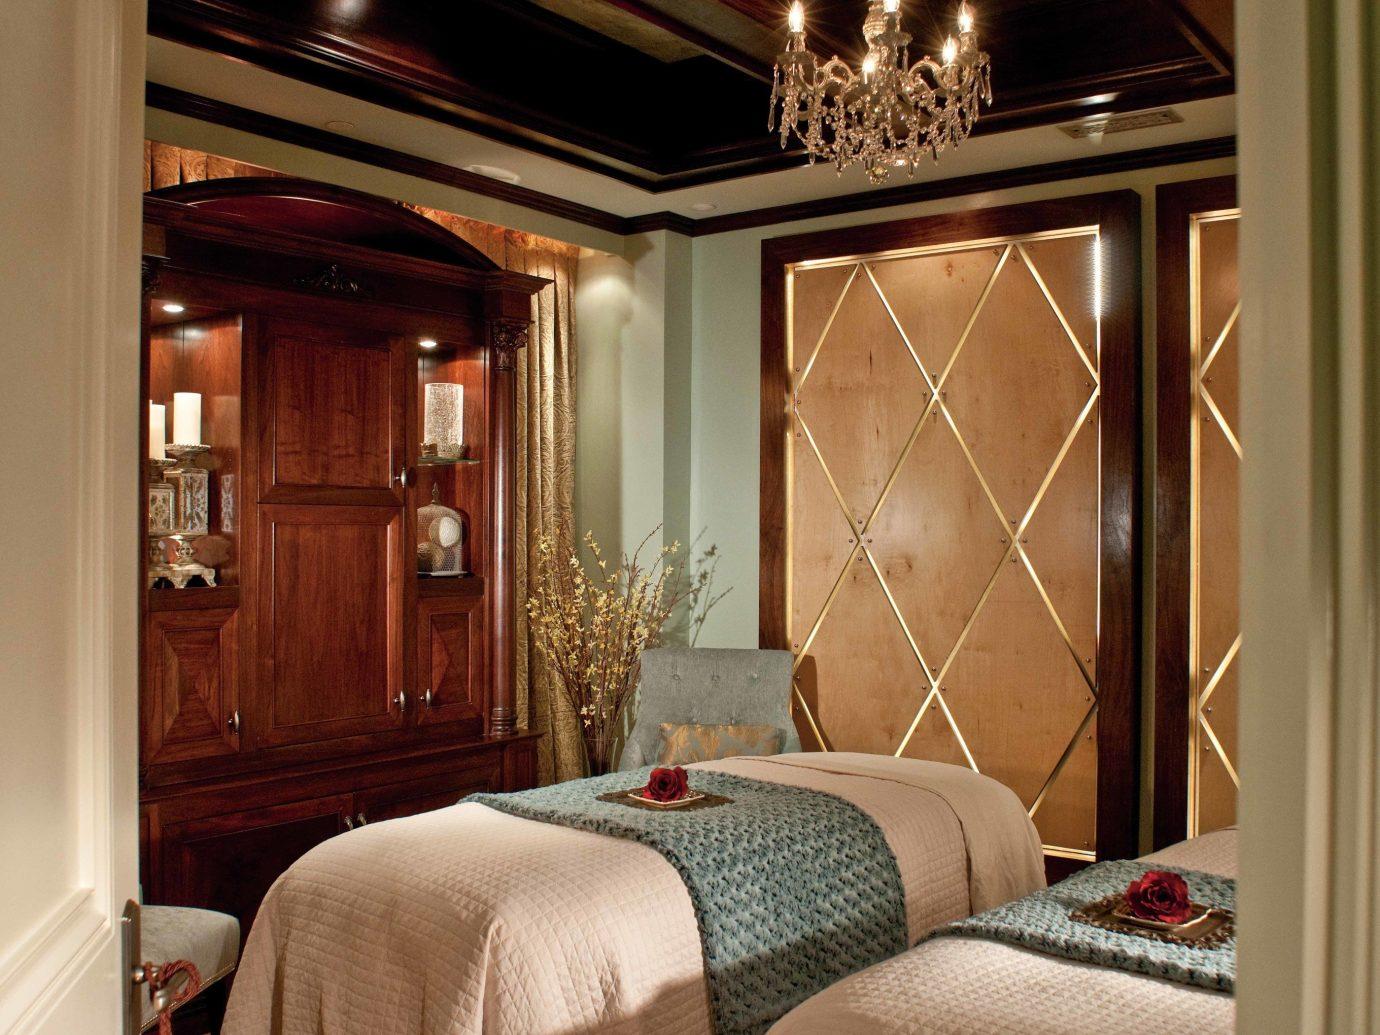 Hotels indoor wall room bed Suite interior design home Bedroom estate living room furniture cottage